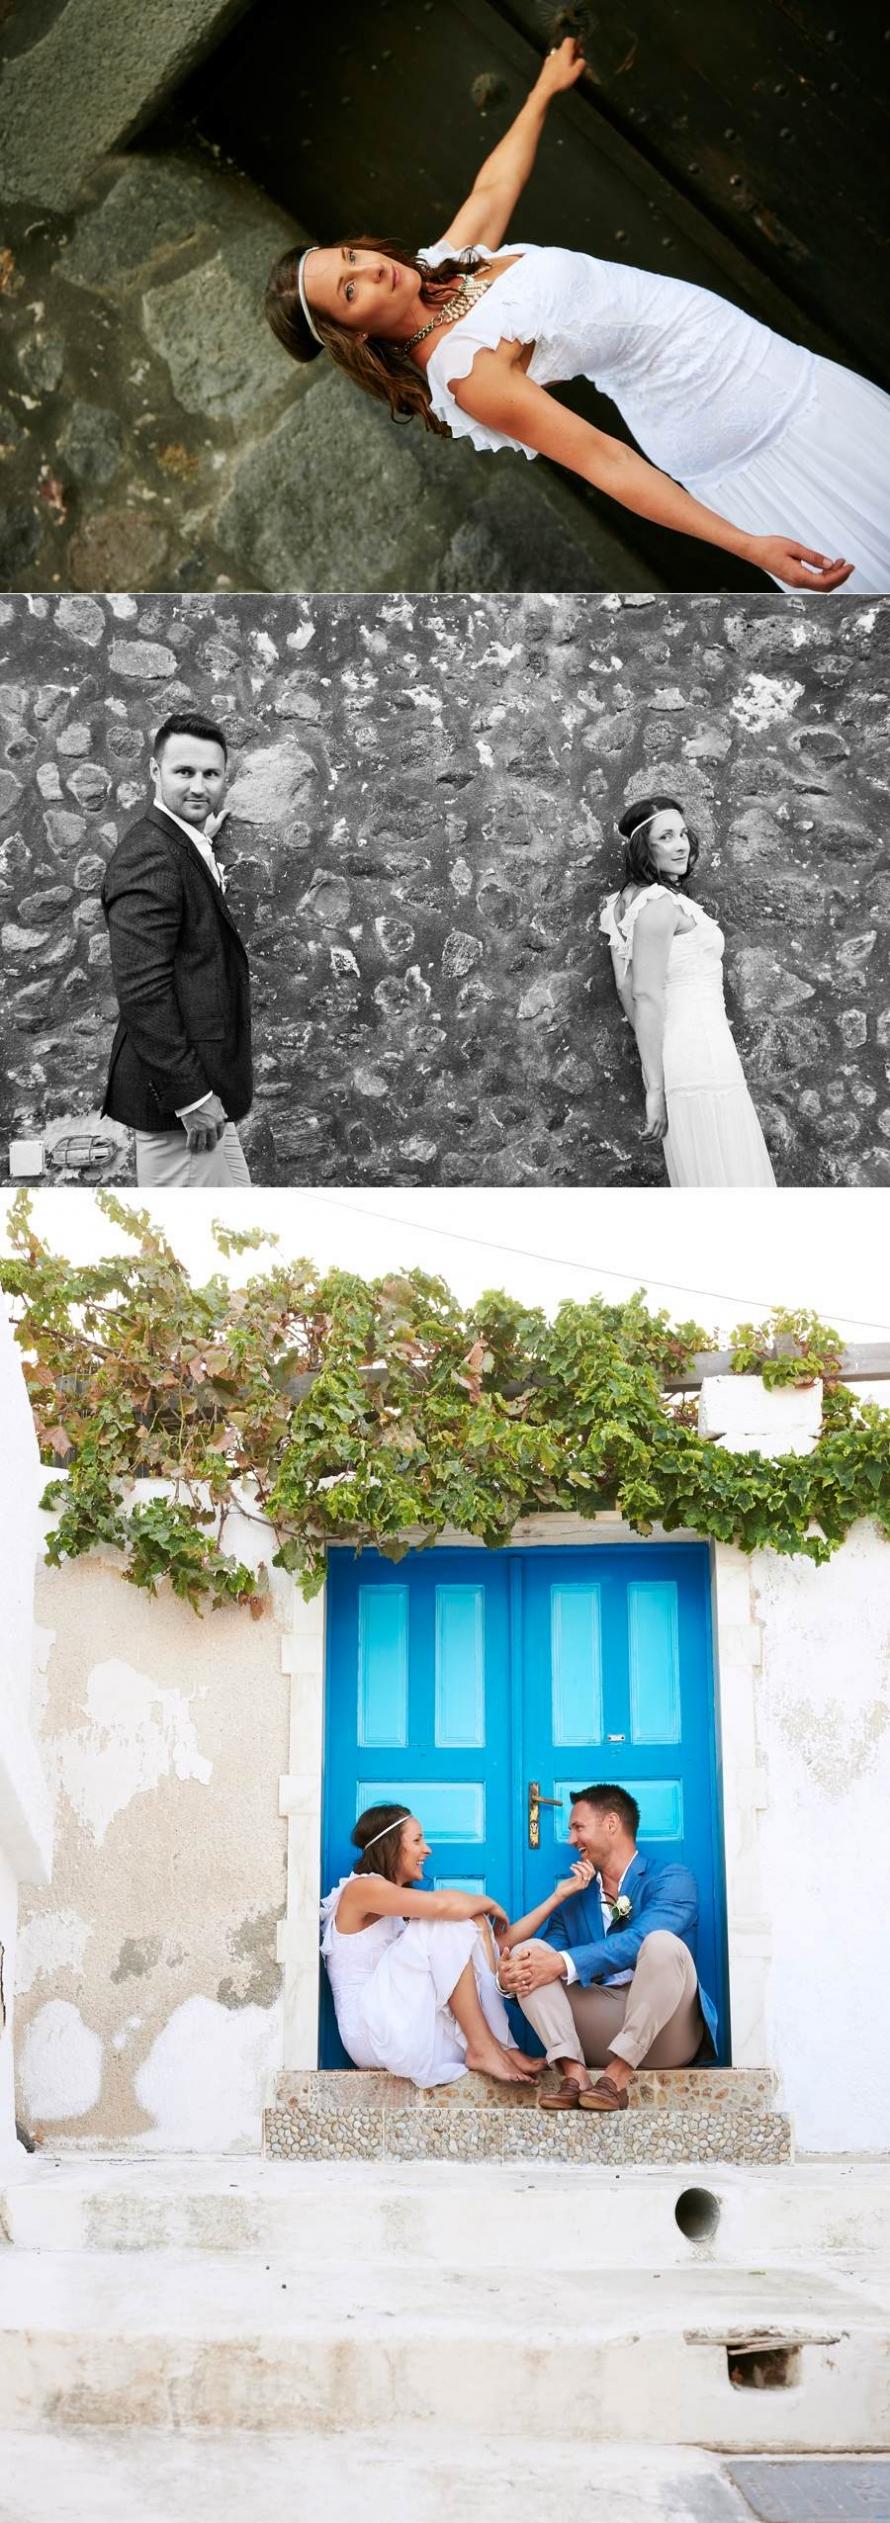 Bradon Jeena wedding photos_16